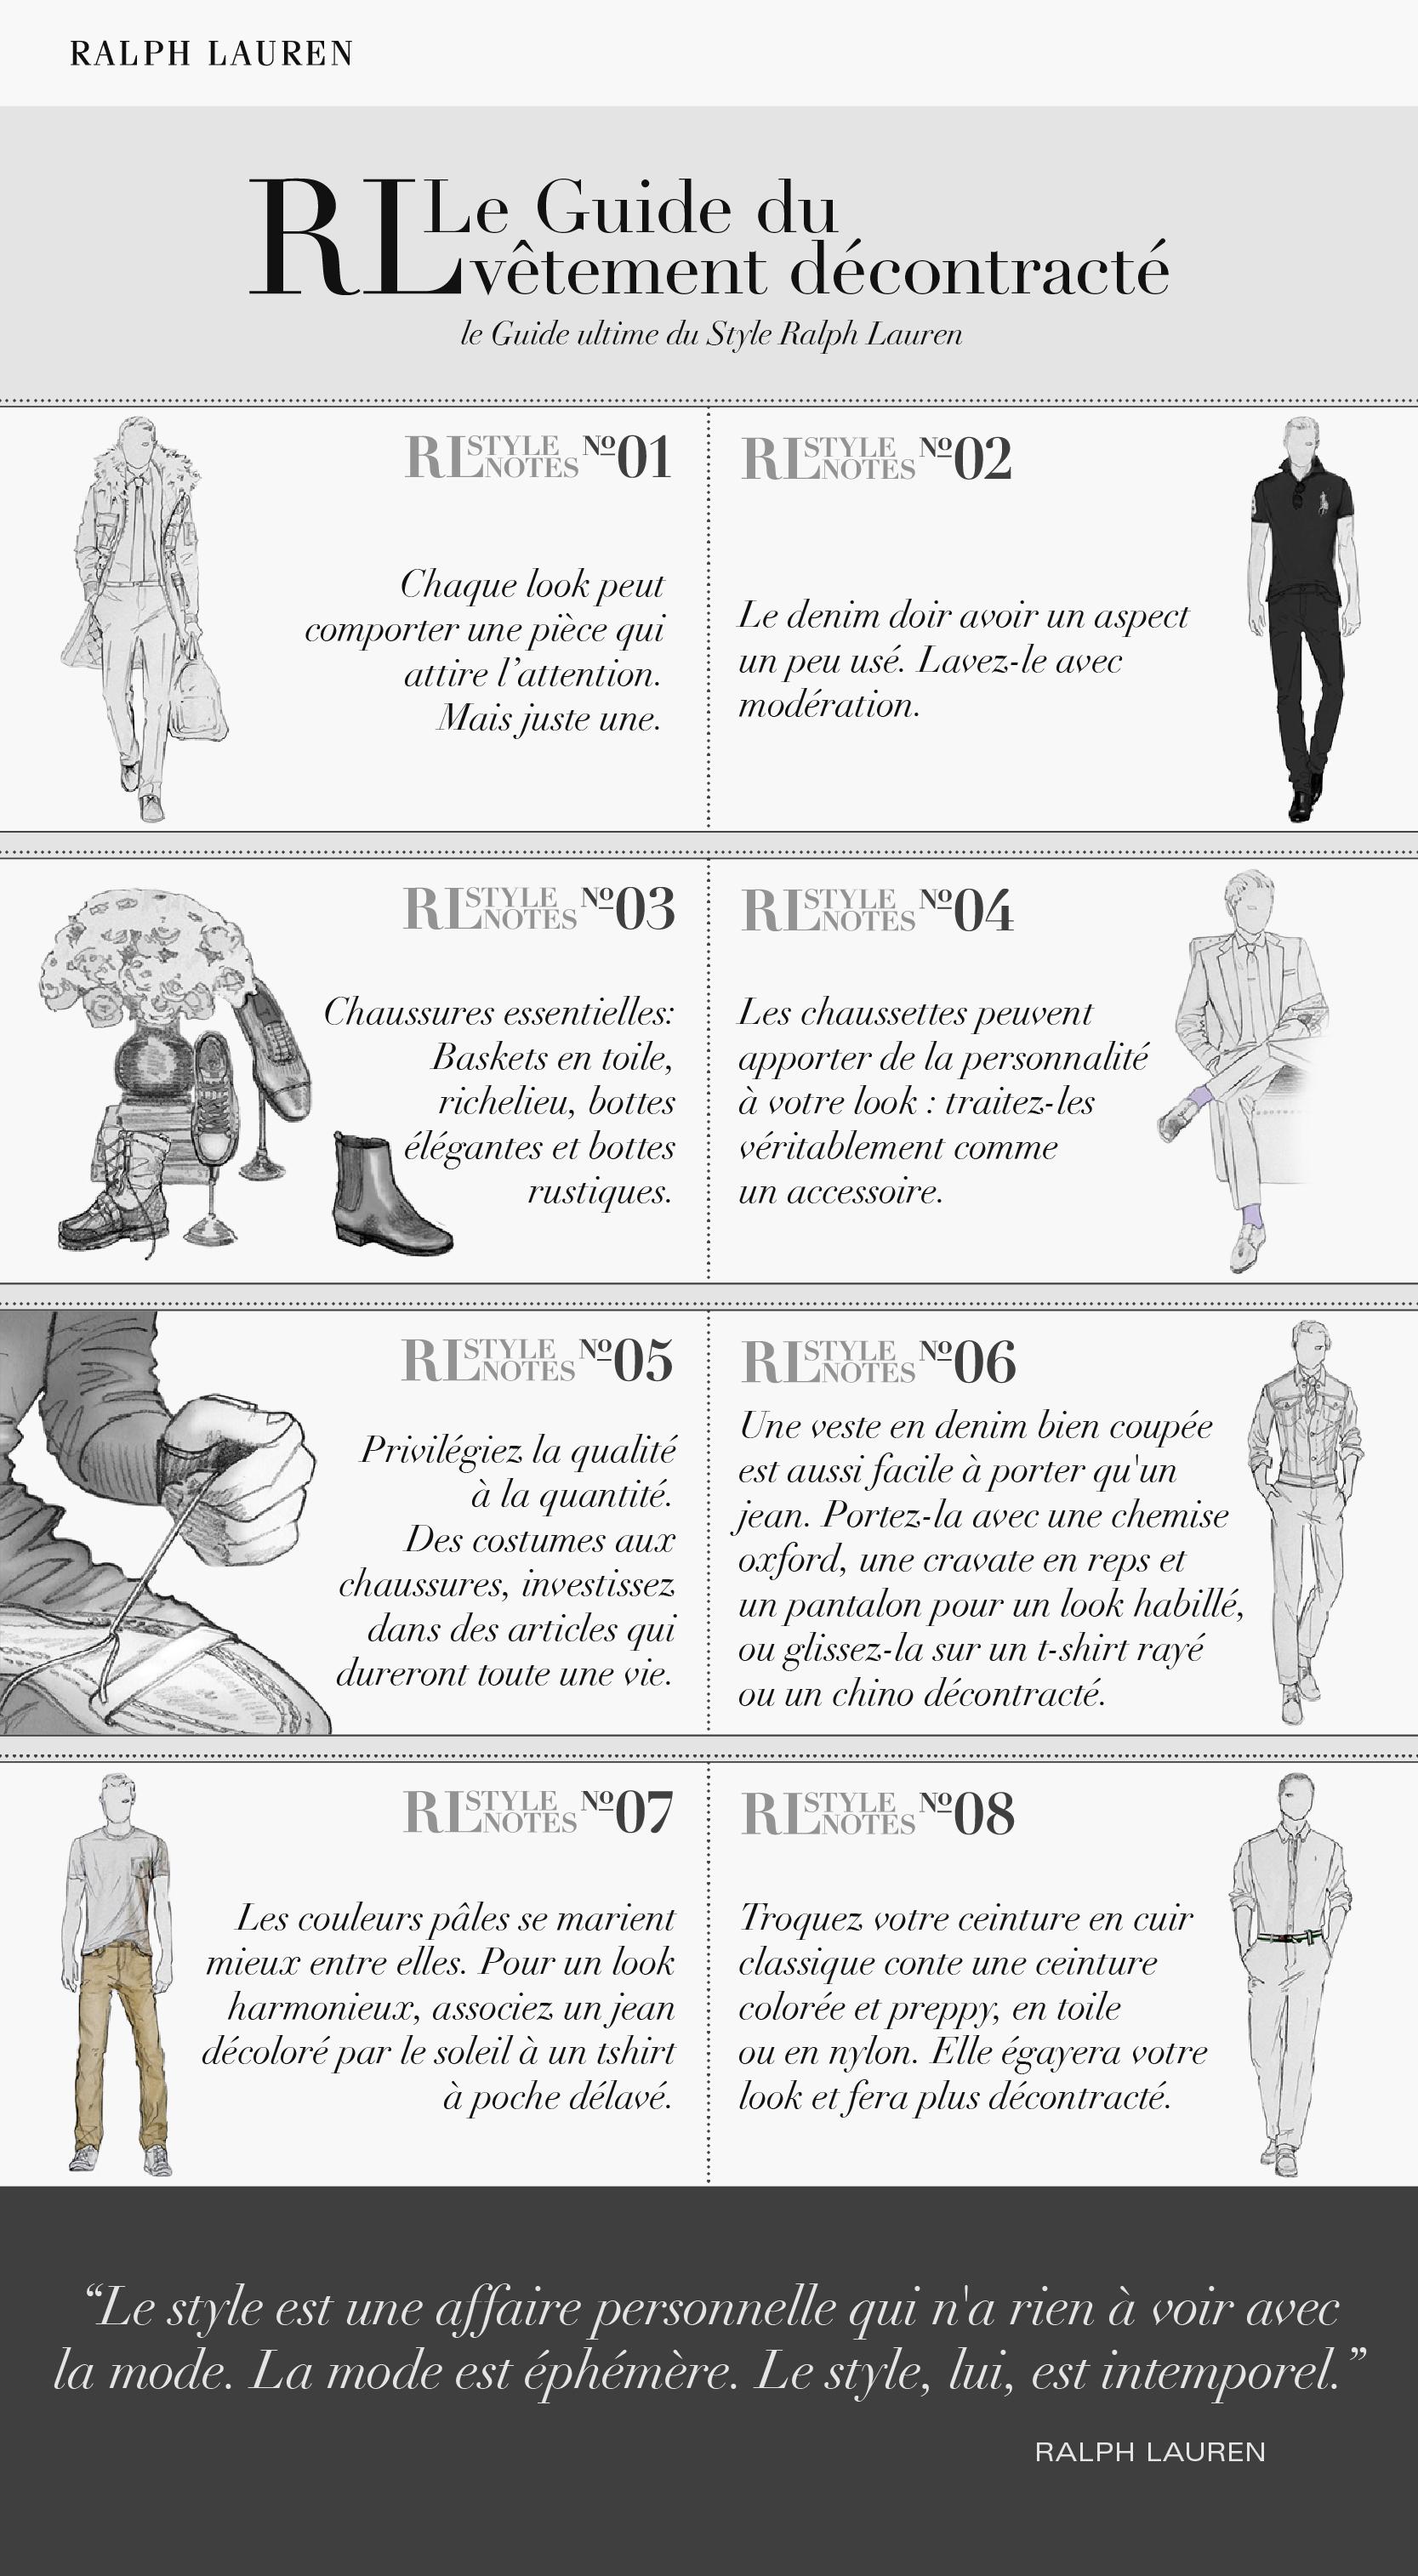 Ralph Lauren Guide du vêtement décontracté - trucsdemec.fr, blog lifestyle masculin, mode homme, beauté homme